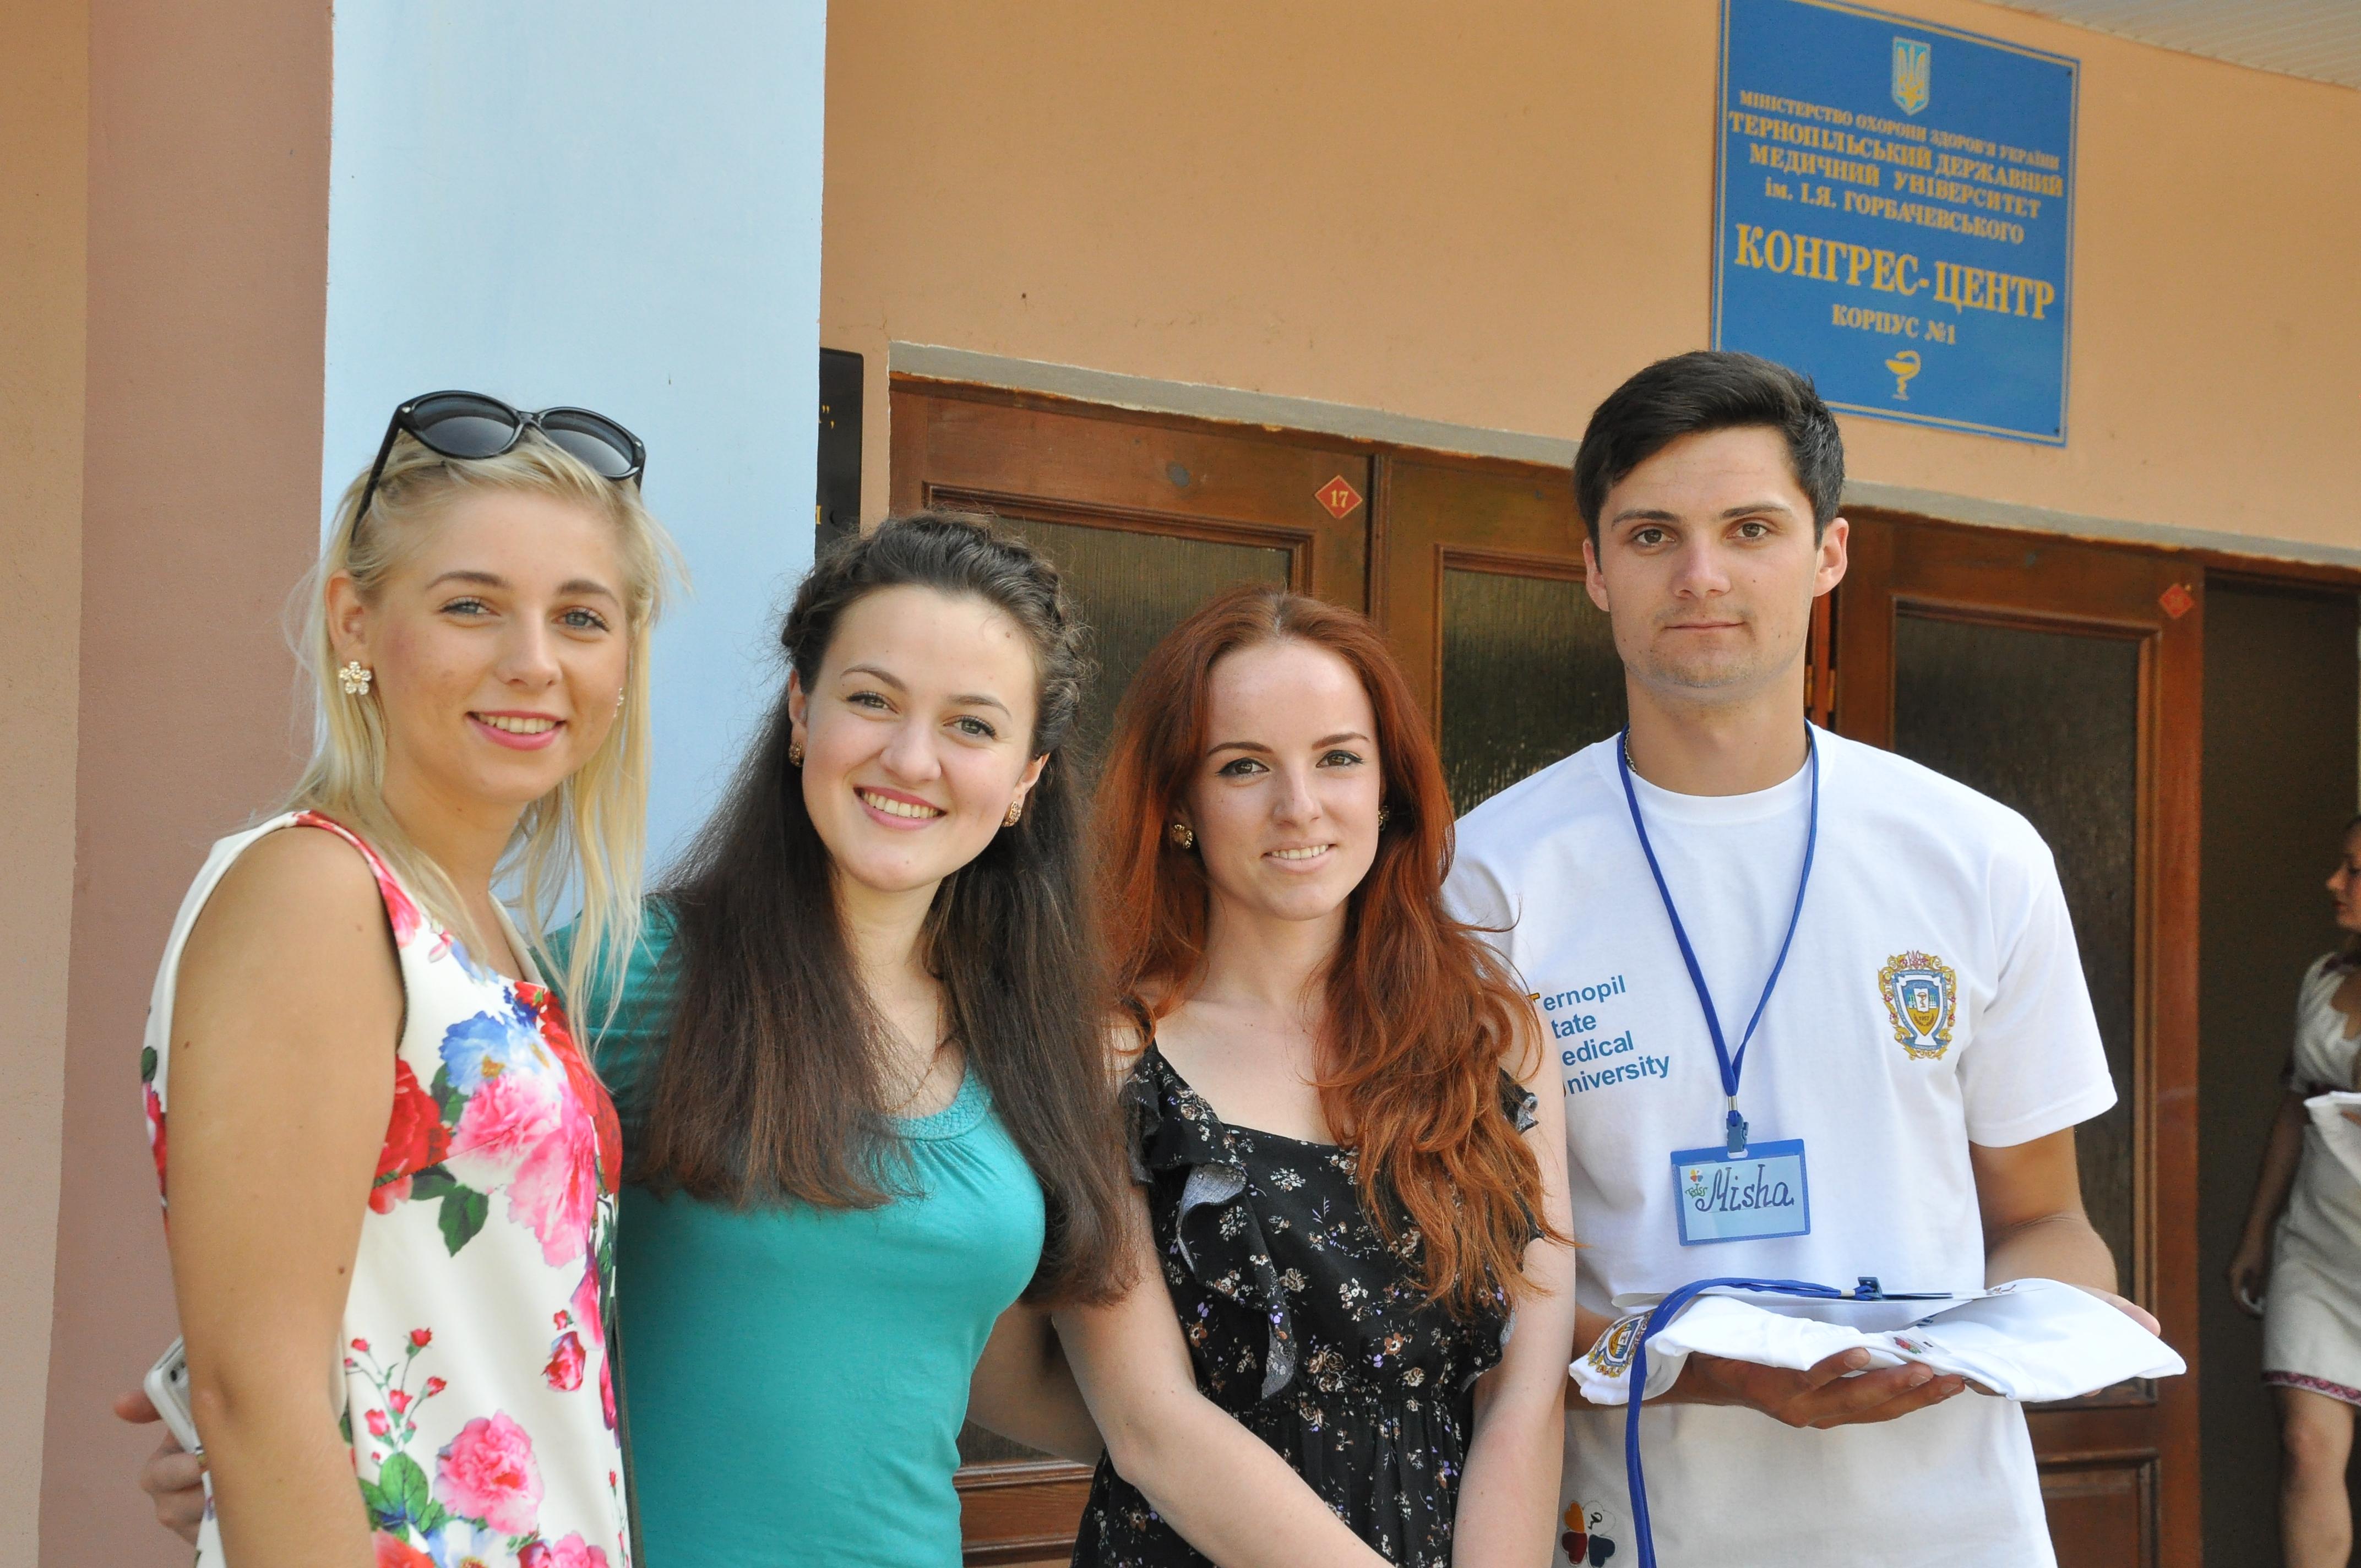 Litni-shkoly-15076972